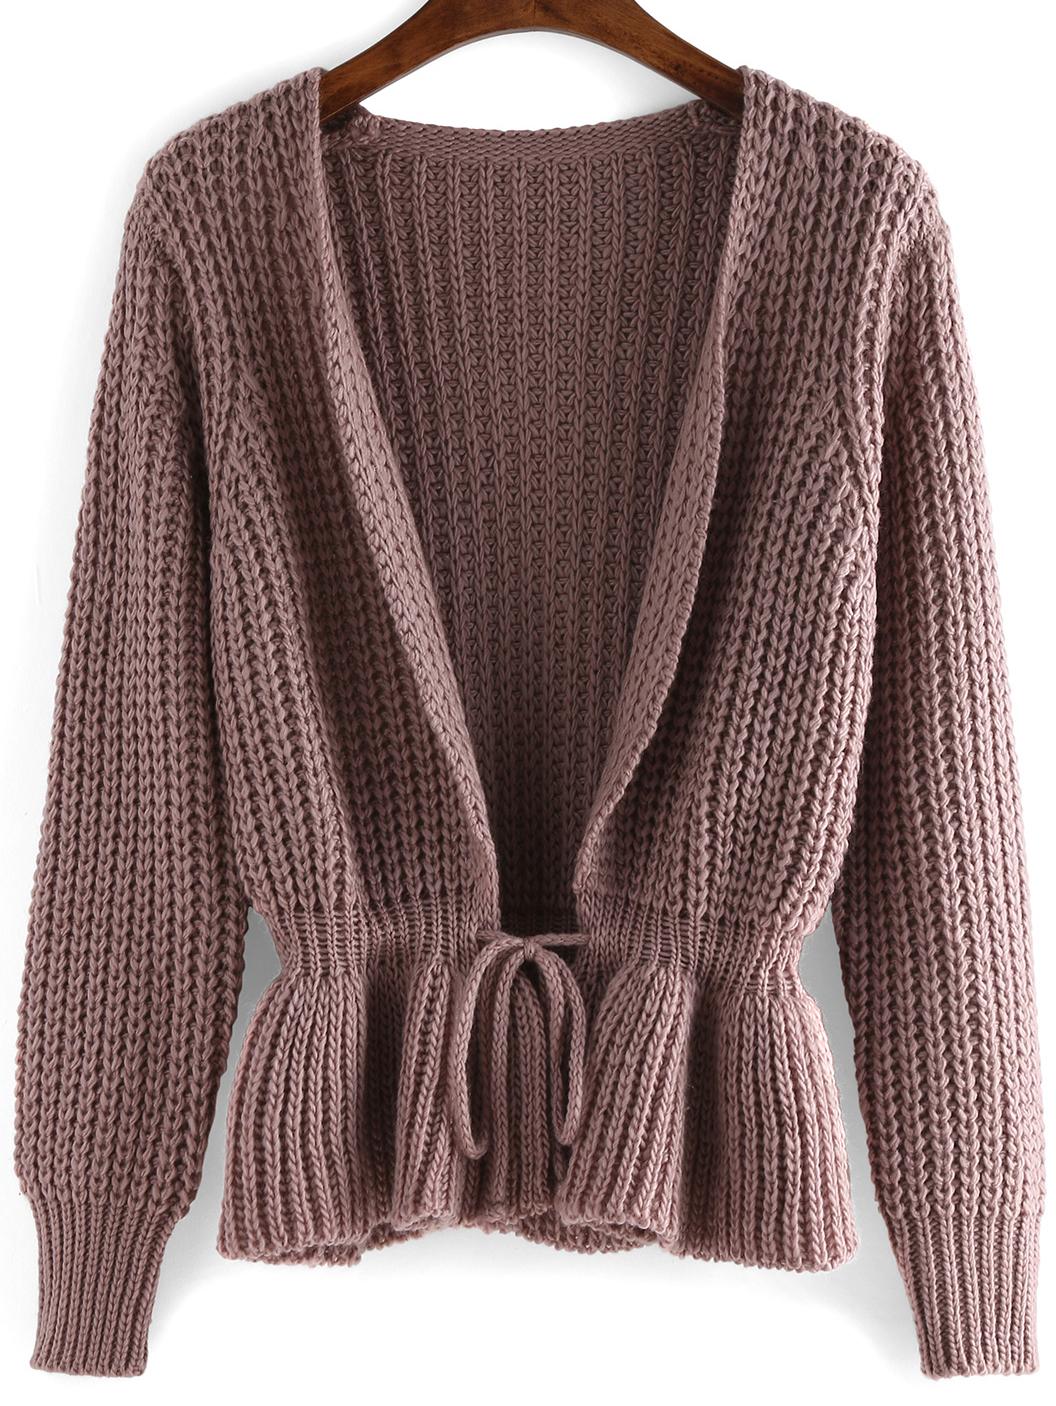 Long Sleeve Drawstring Sweater Coat -SheIn(Sheinside)